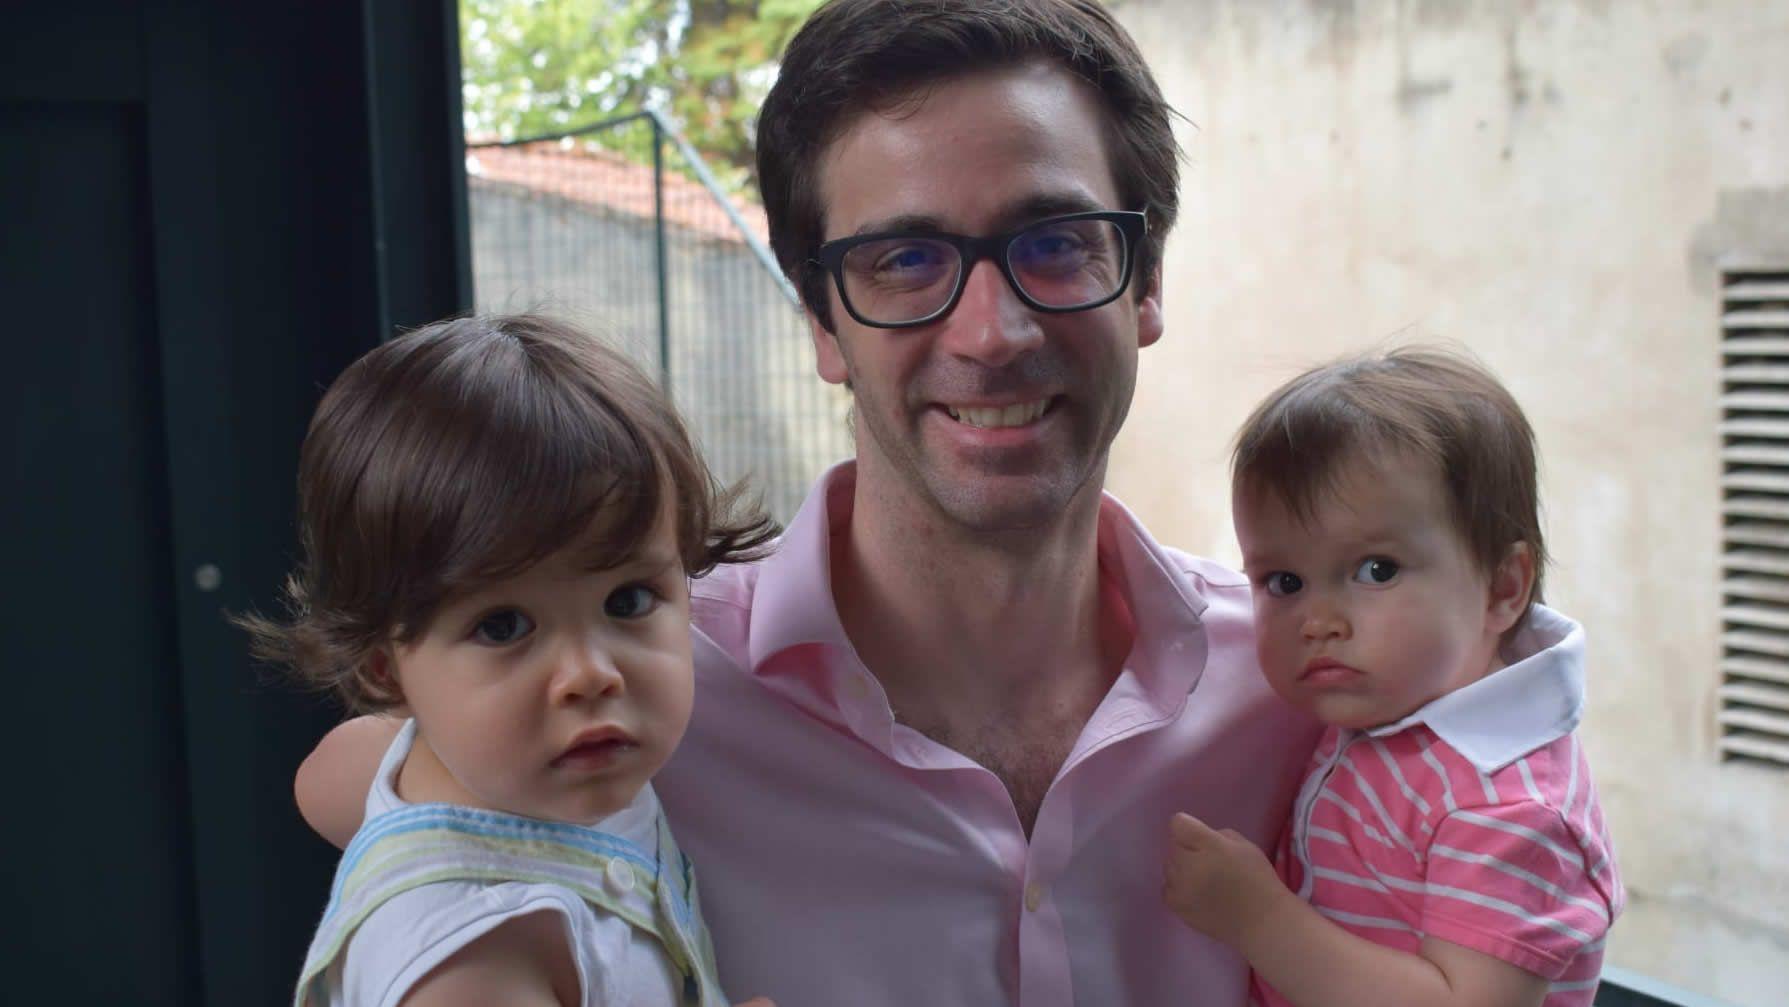 Iván nació en A Coruña, a donde no cuenta con regresar a corto plazo